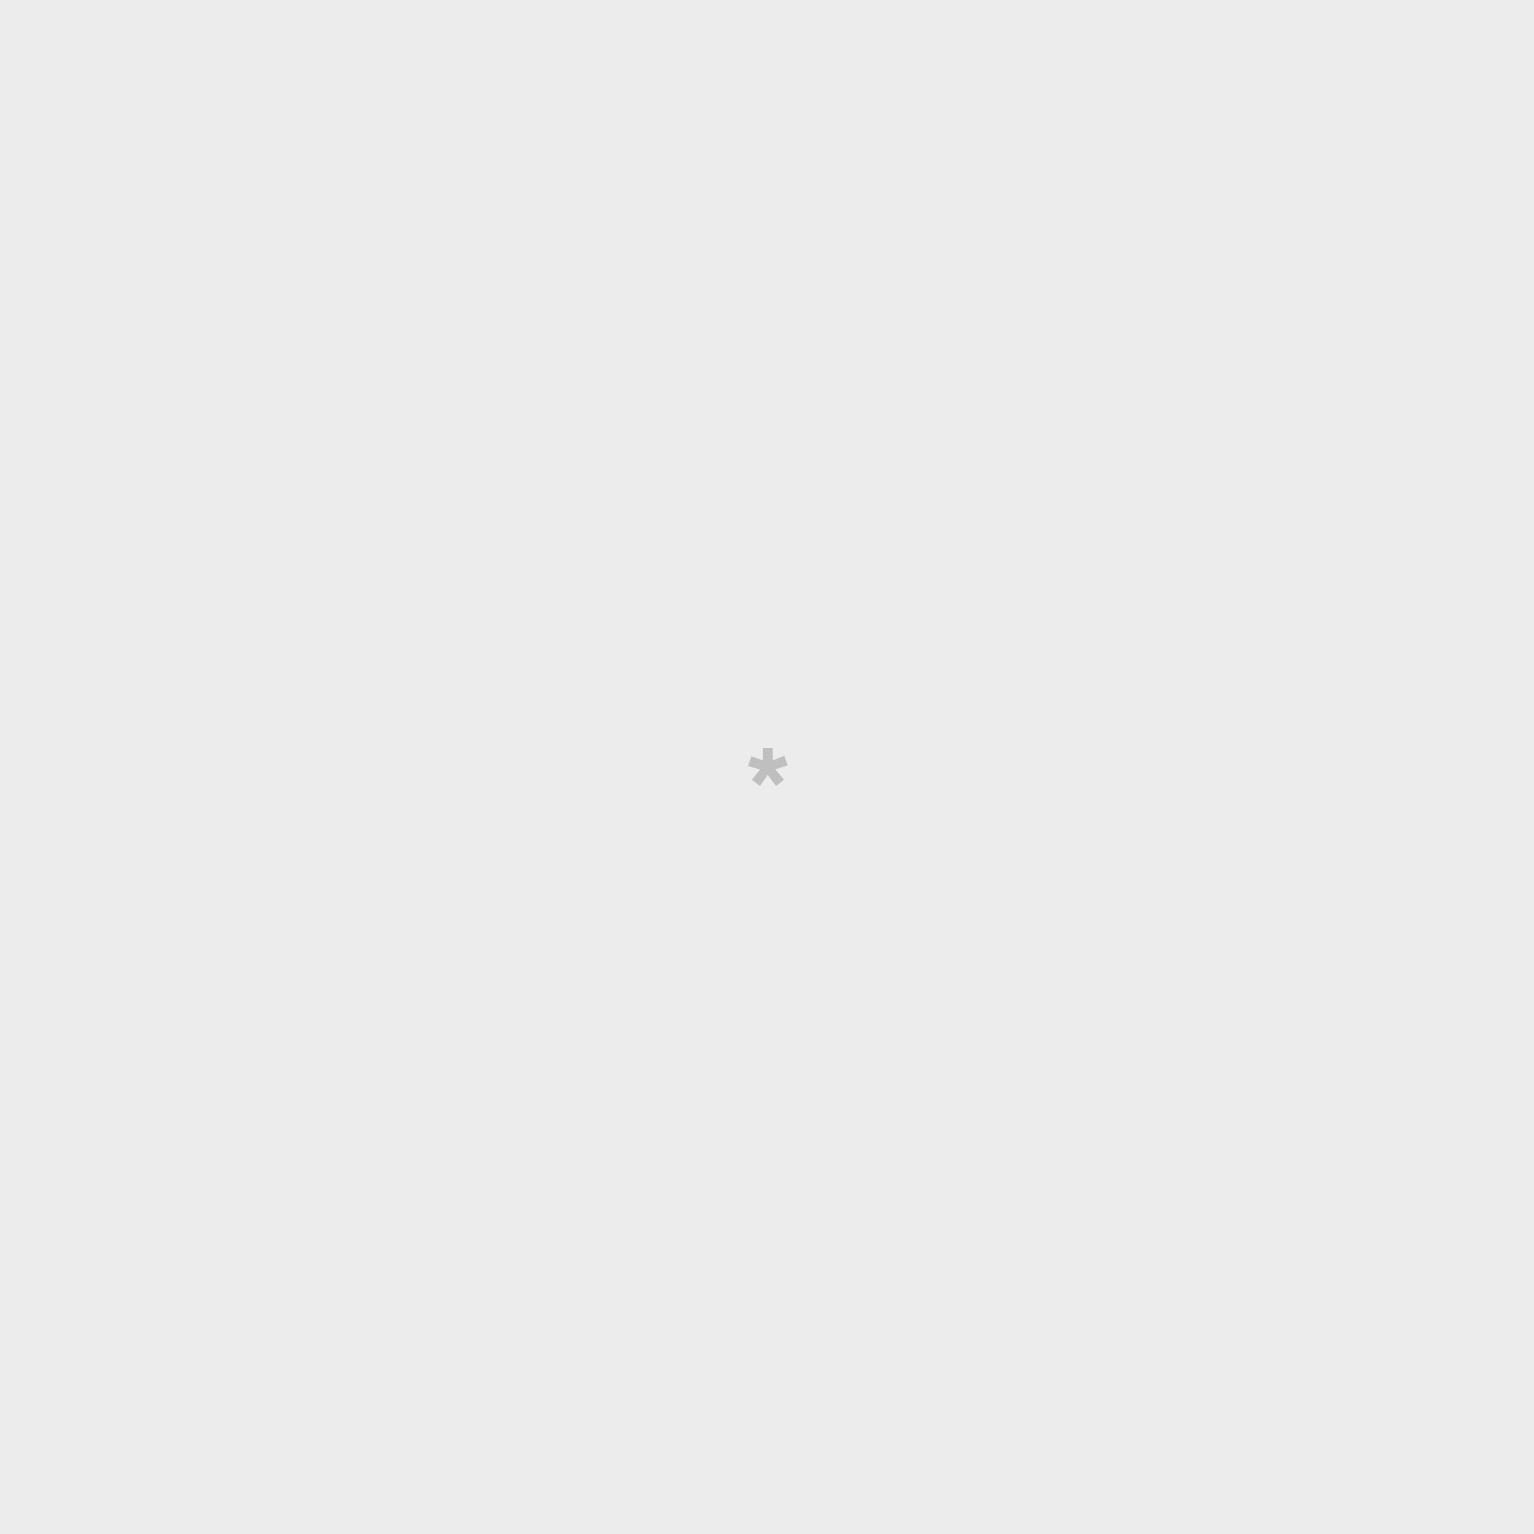 Dossier com argolas - Todos os grandes sonhos começam com uma pequena ideia